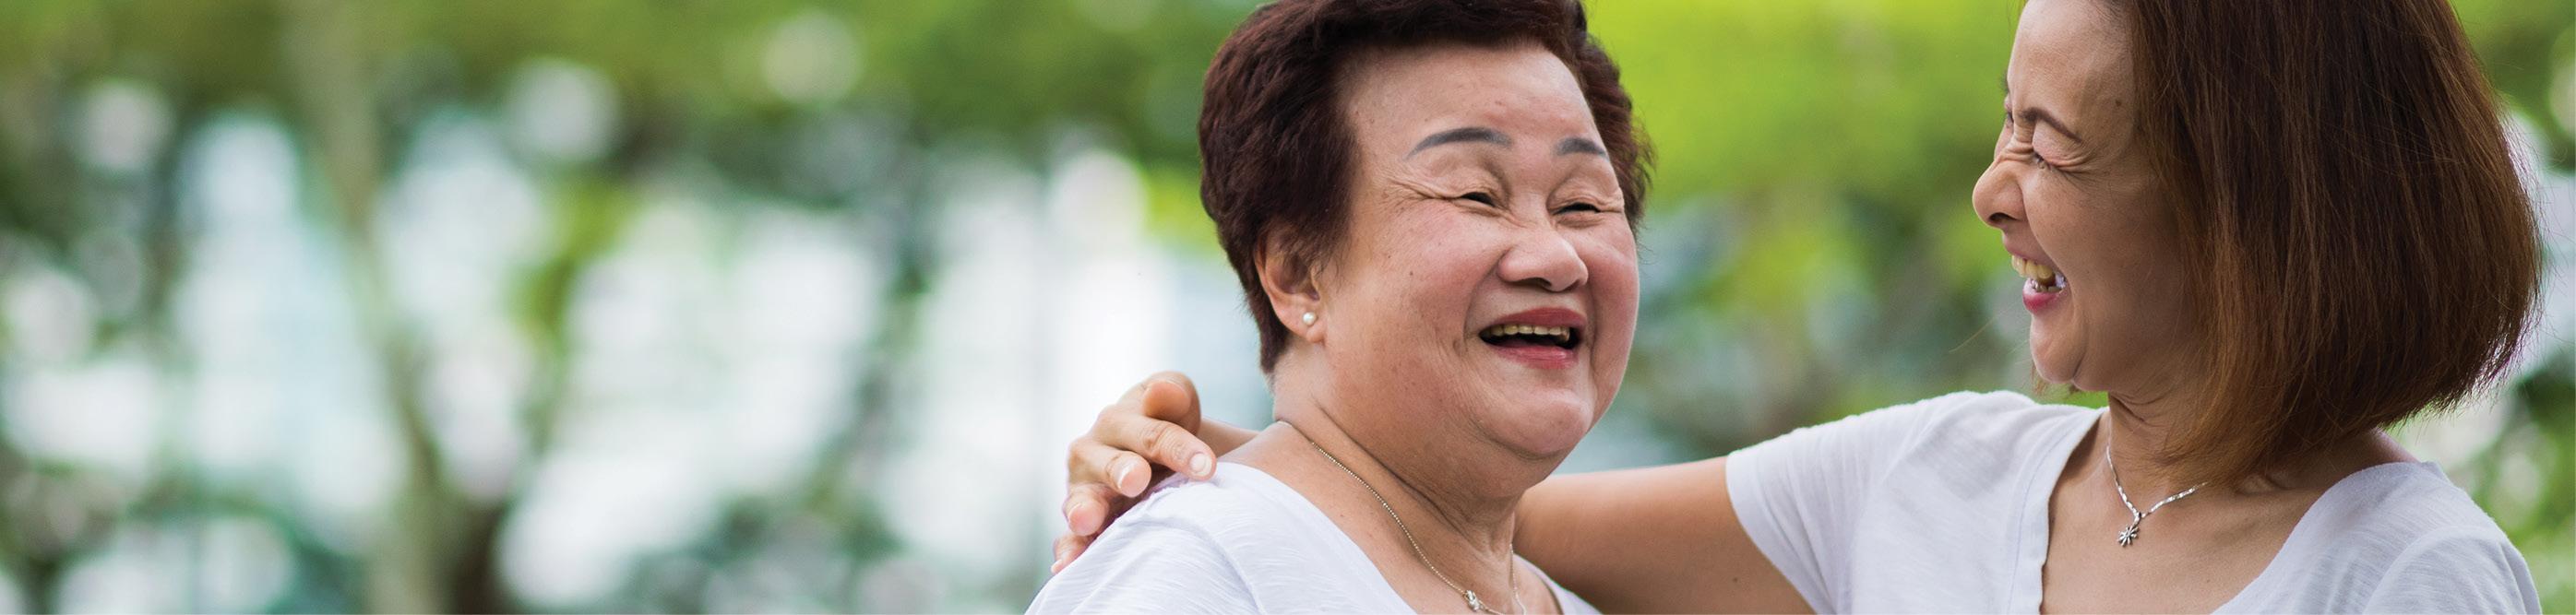 Une femme souriante enlace son bras autour de sa mère souriante